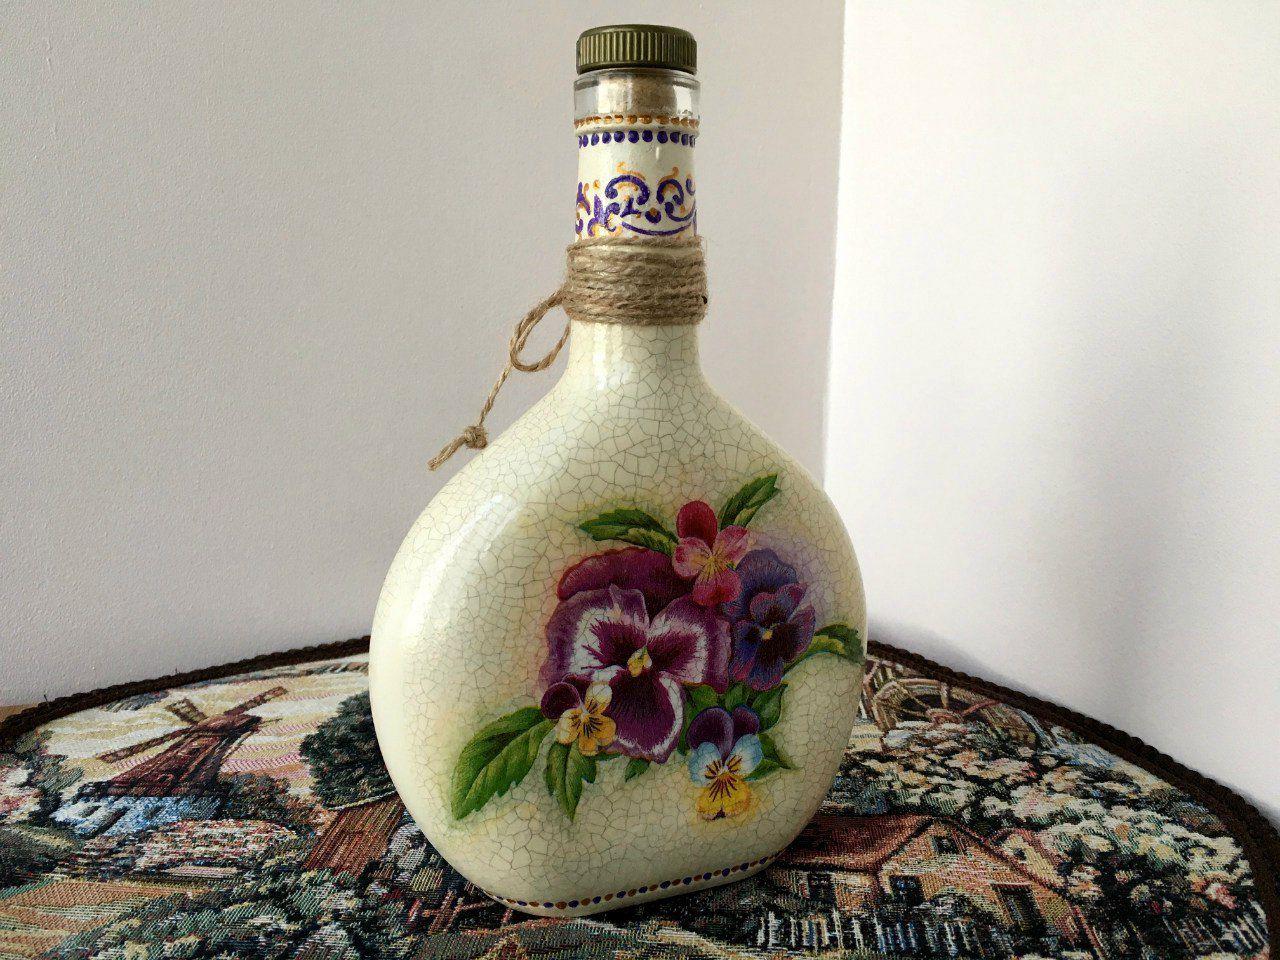 винтажнаябутылка кракелюр винтаж декупаж подарки handmade декор кухня ручнаяработа